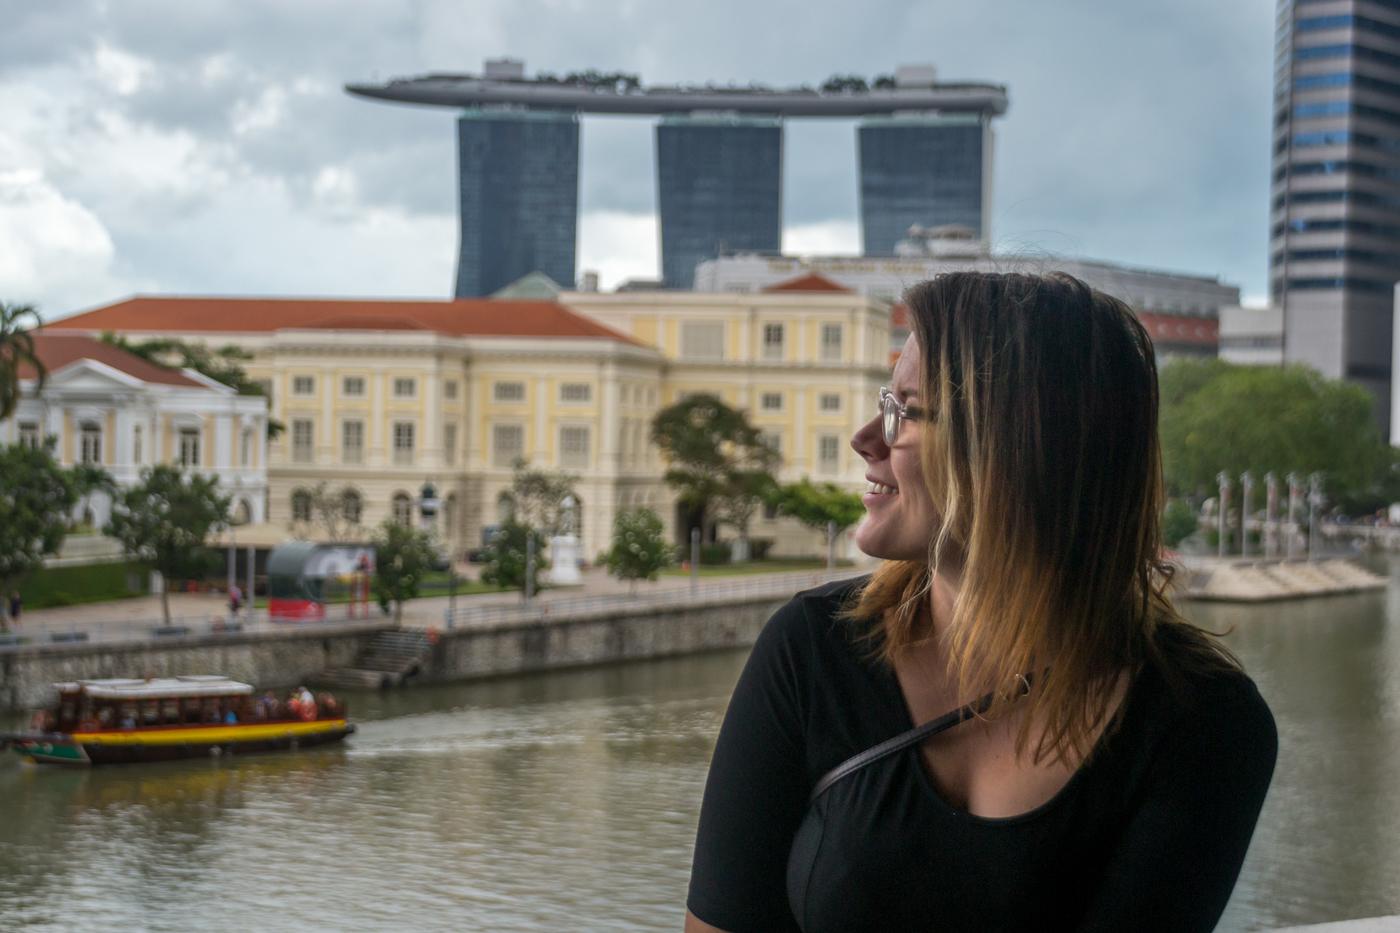 Poshtel, siis mikä? – testissä 5Footway Inn Singaporessa